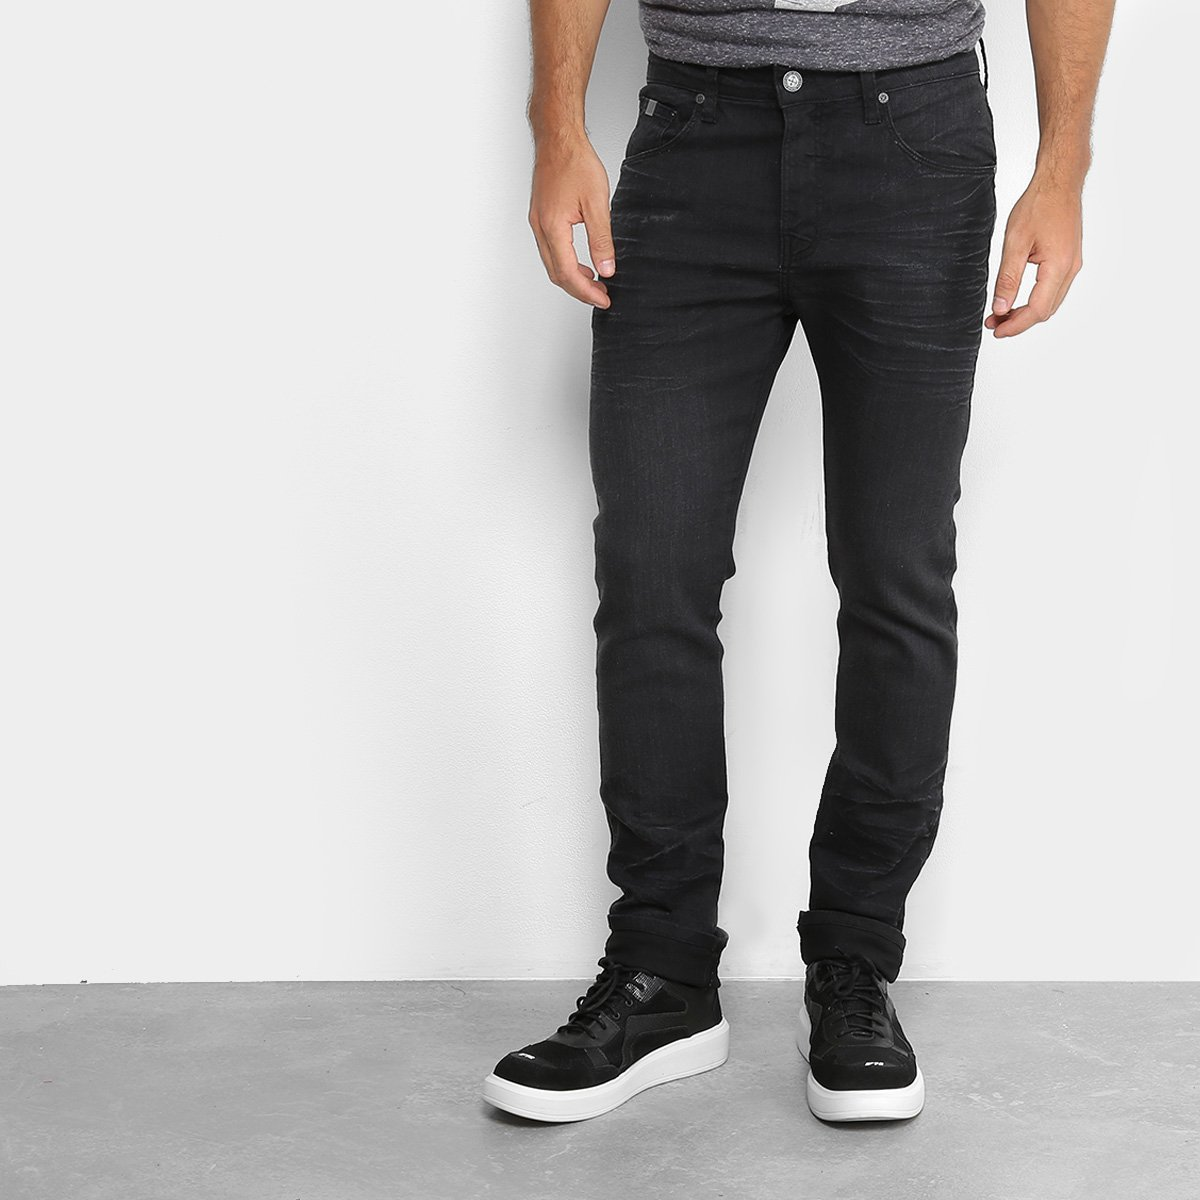 b08716ca8 Calças Jeans Skinny Colcci Rodrigo Cintura Média Masculina